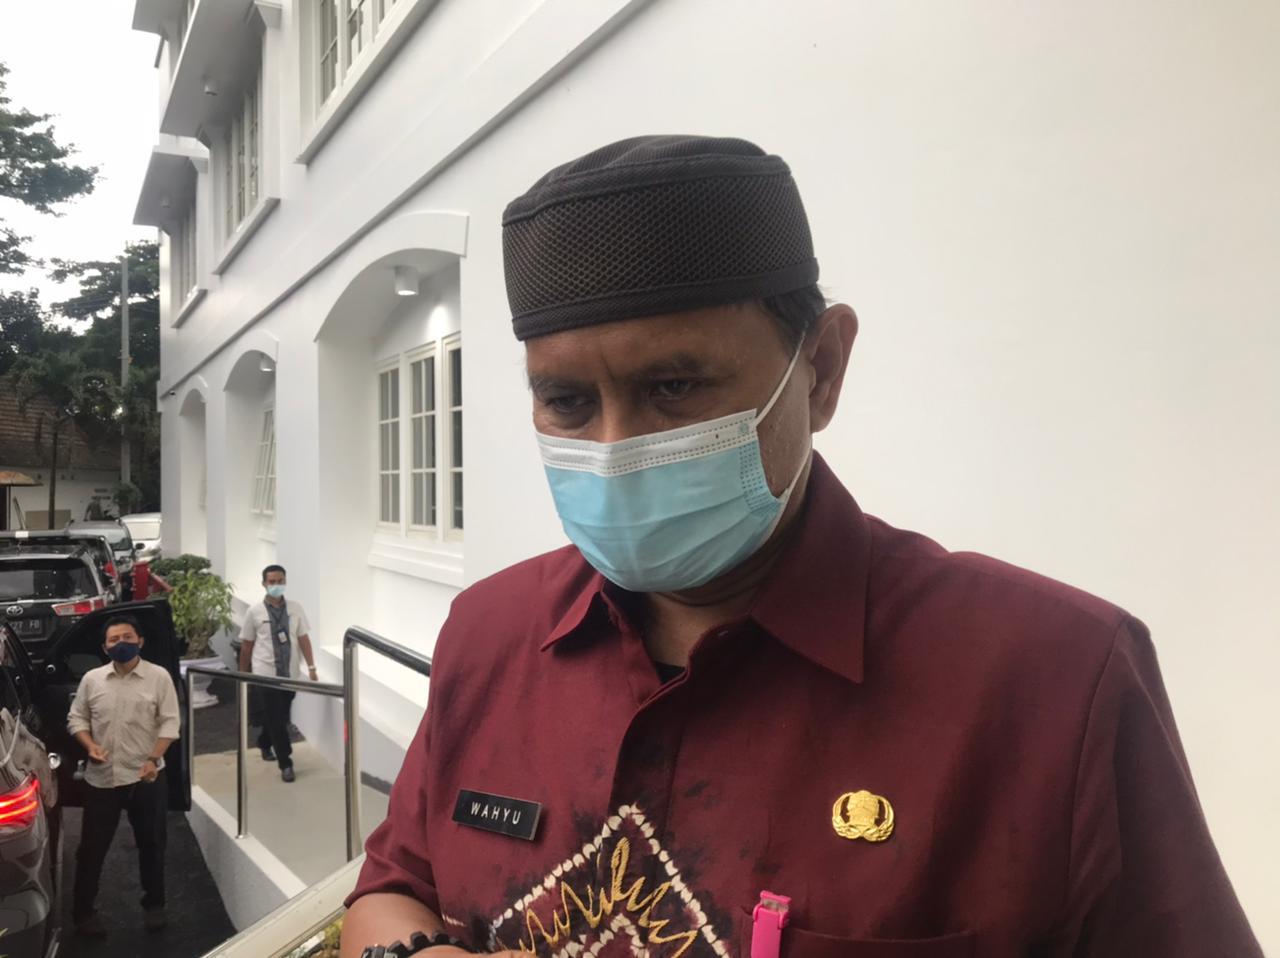 Plt Kepala Diskopindag Kota Malang Wahyu Setianto yang akan mengimpor cabe dari India dalam waktu dekat untuk menstabilkan harga. (Foto: Azmy/Tugu Jatim)